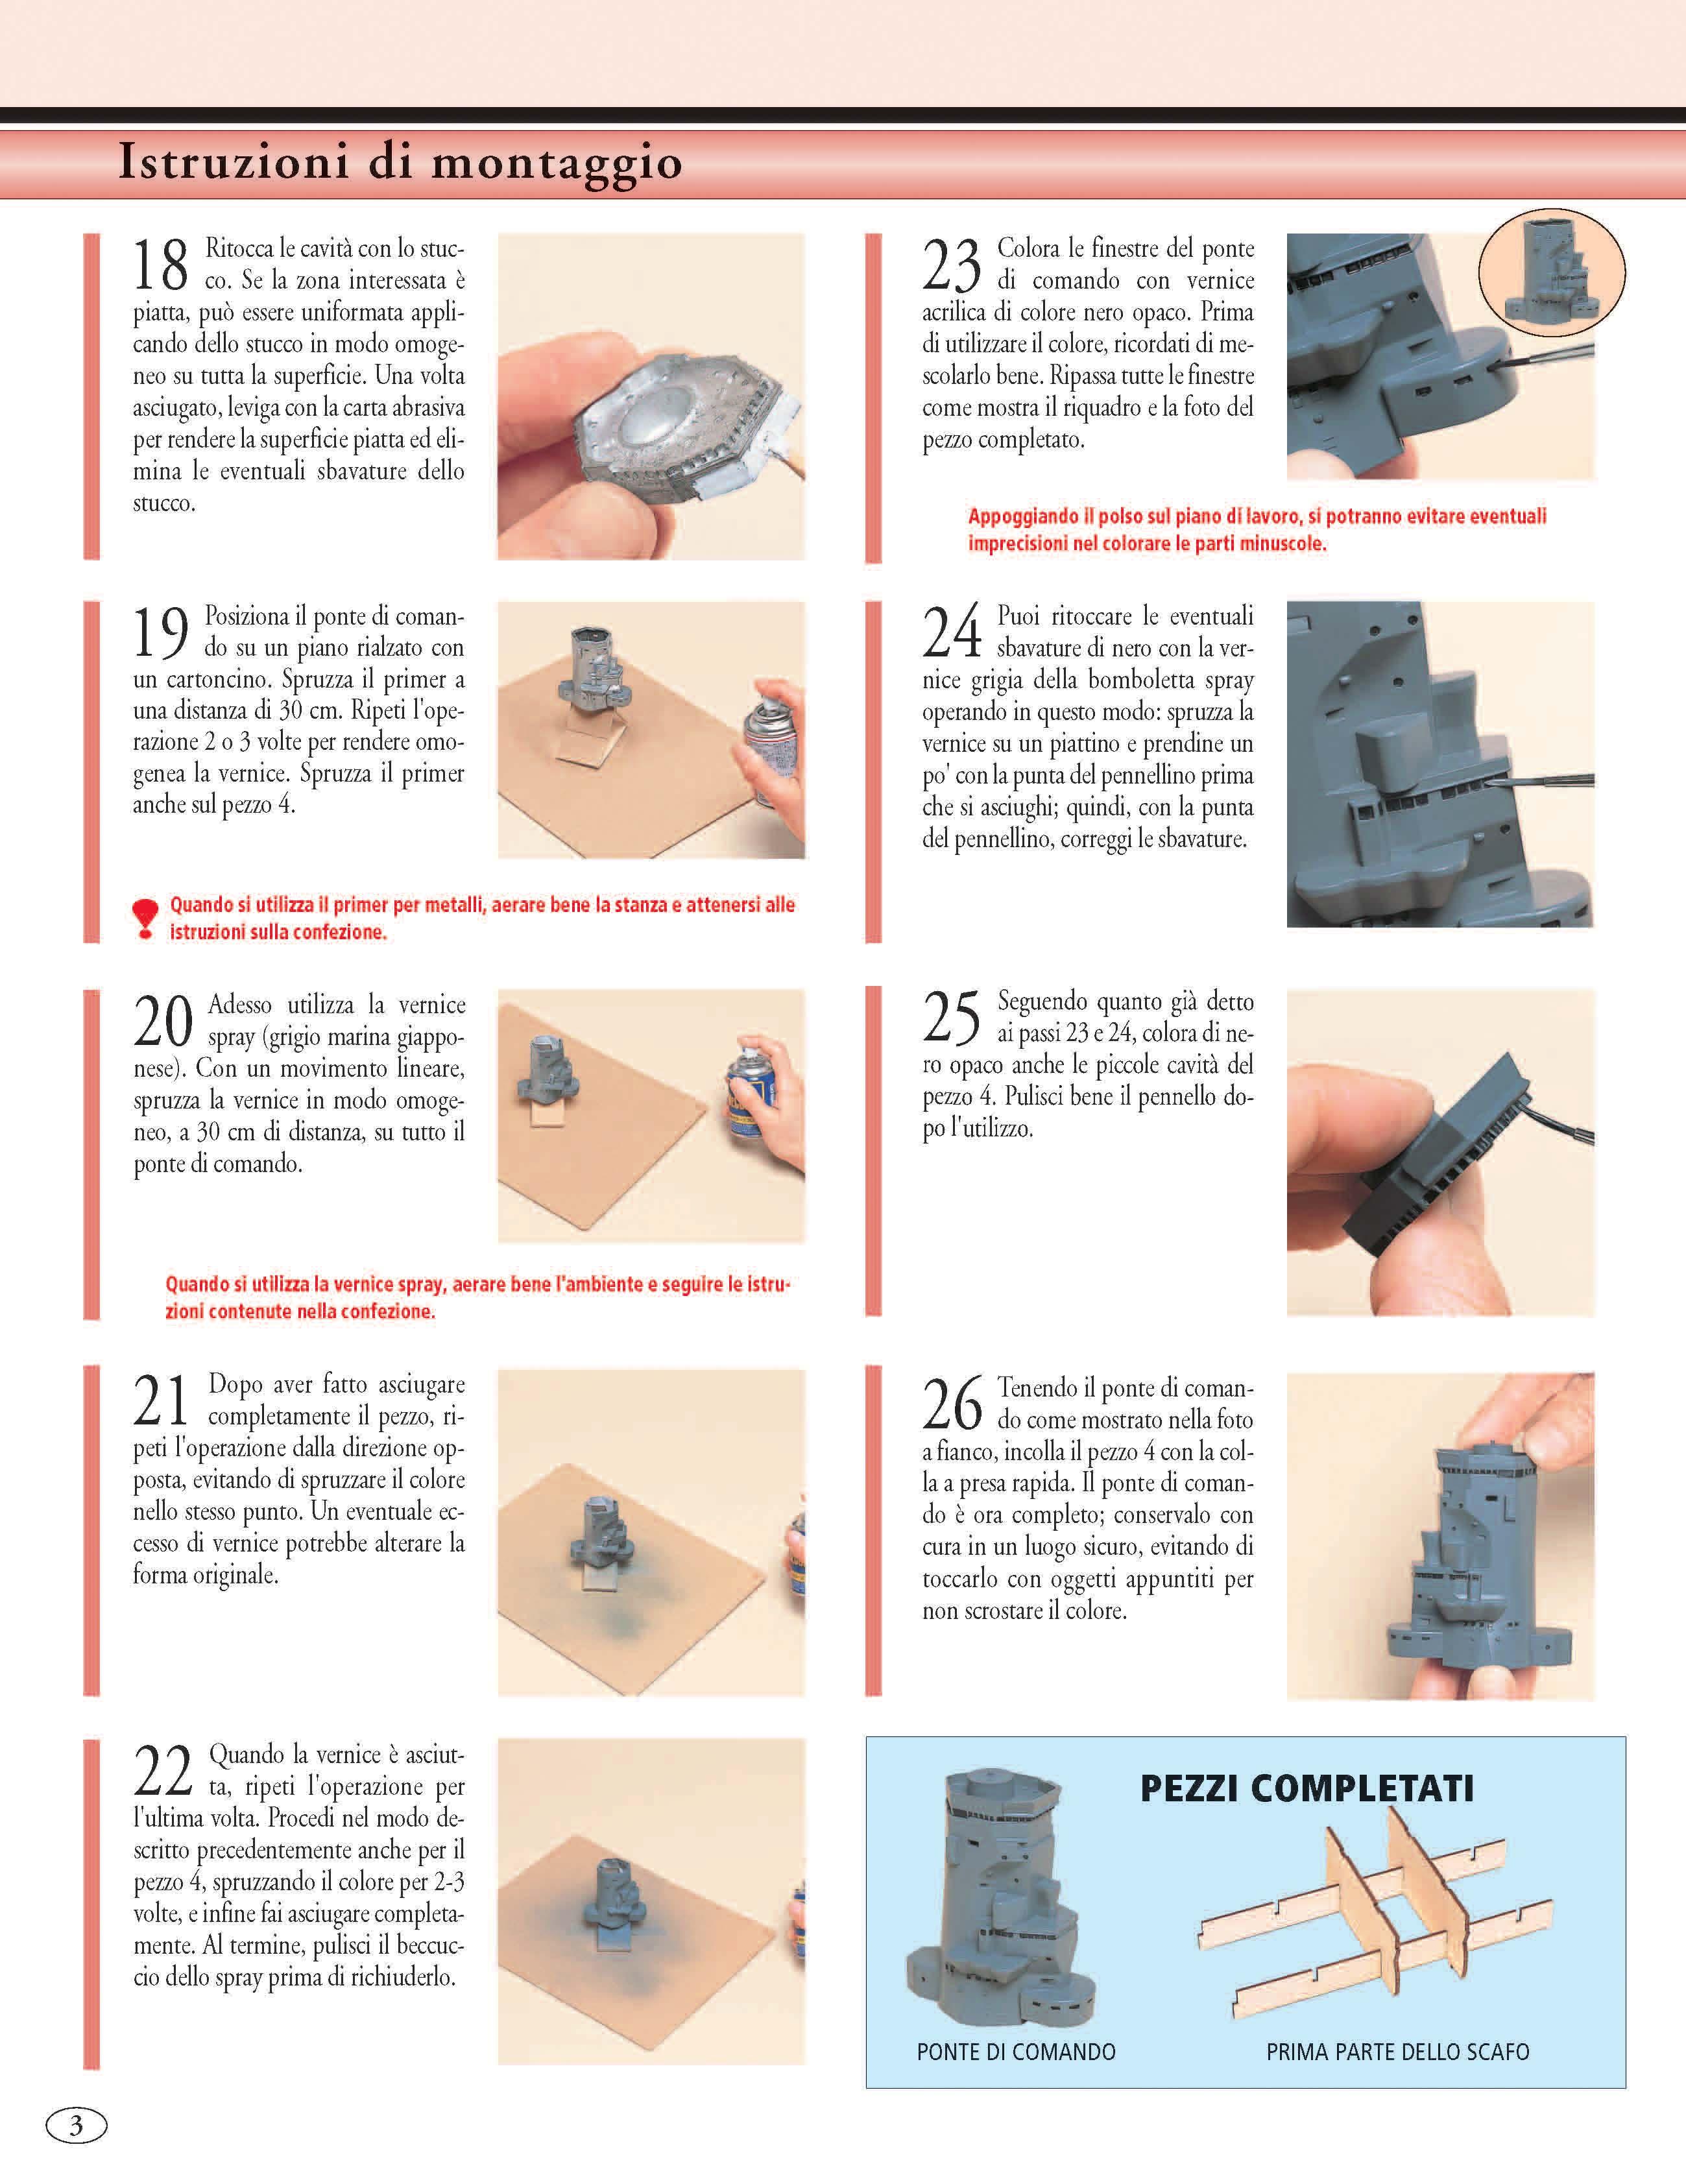 Yamato pagina 4